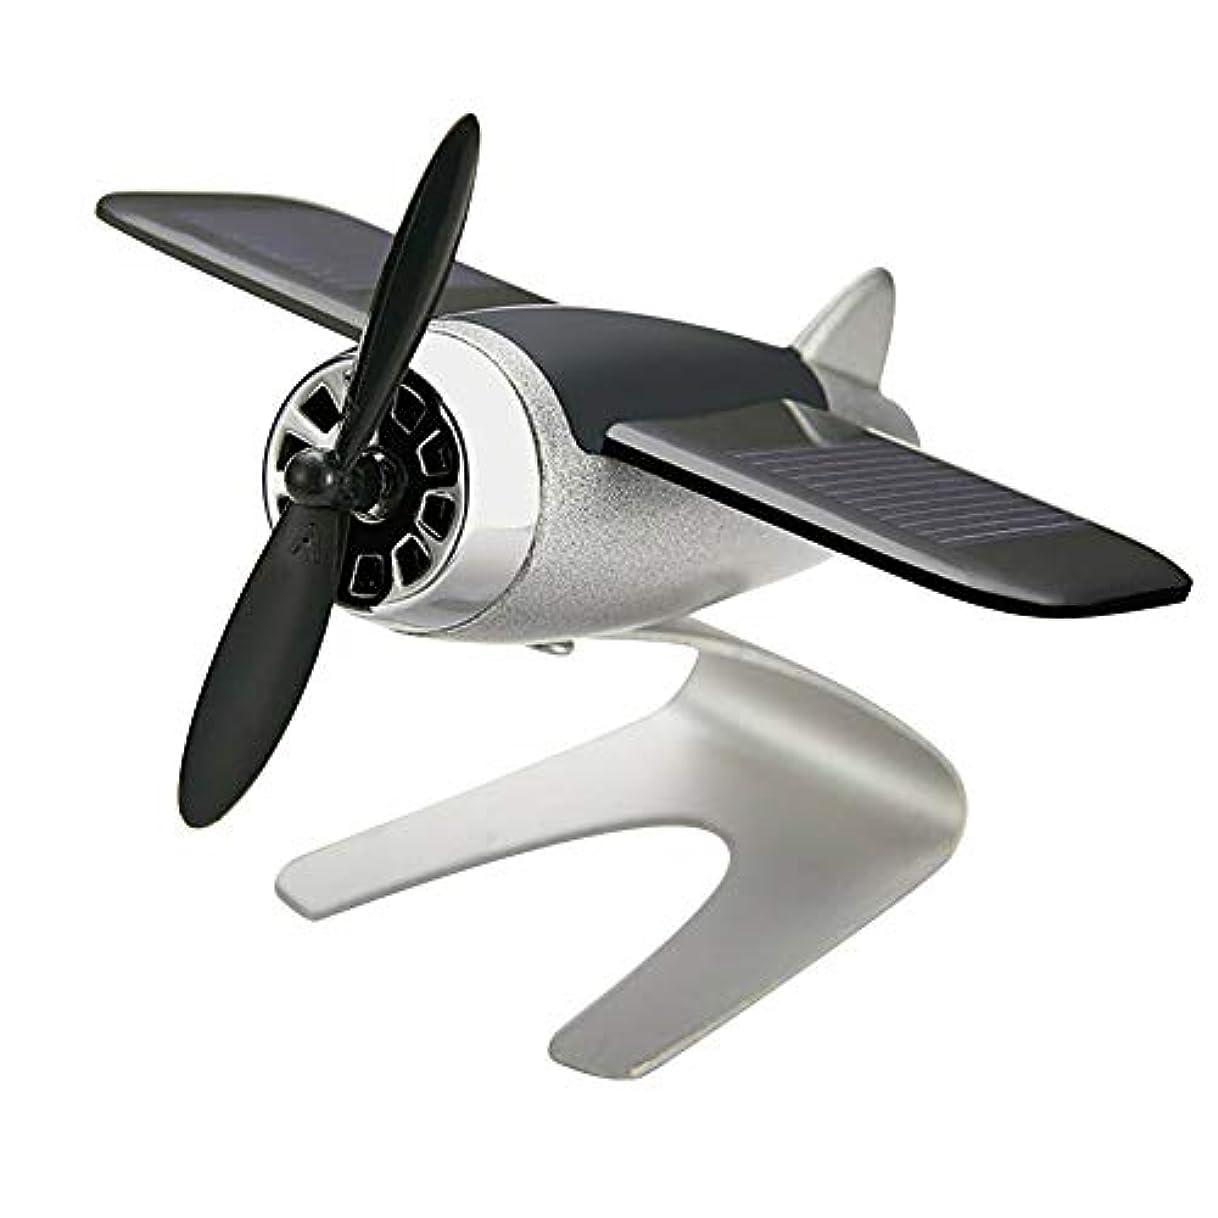 先スカウトぶどうSymboat 車の芳香剤飛行機航空機モデル太陽エネルギーアロマテラピー室内装飾